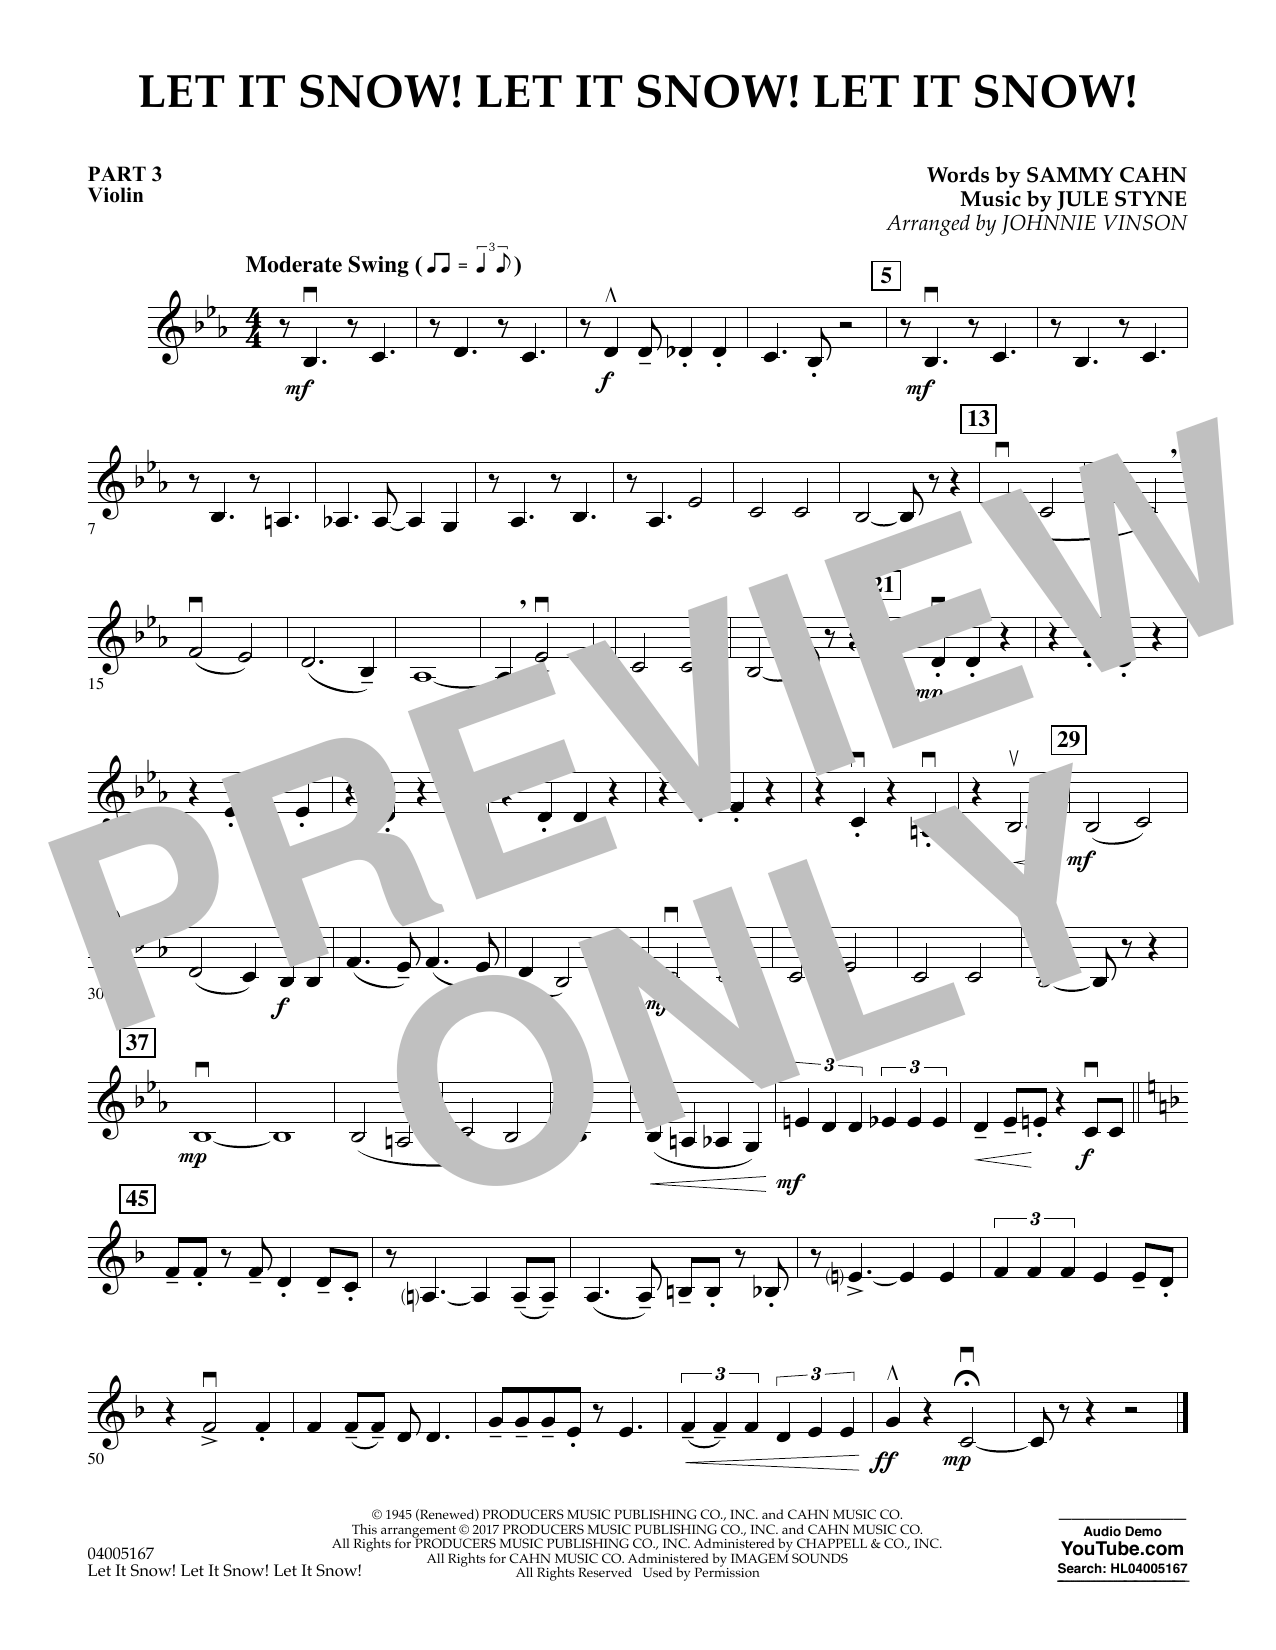 Let It Snow! Let It Snow! Let It Snow! - Pt.3 - Violin (Concert Band)